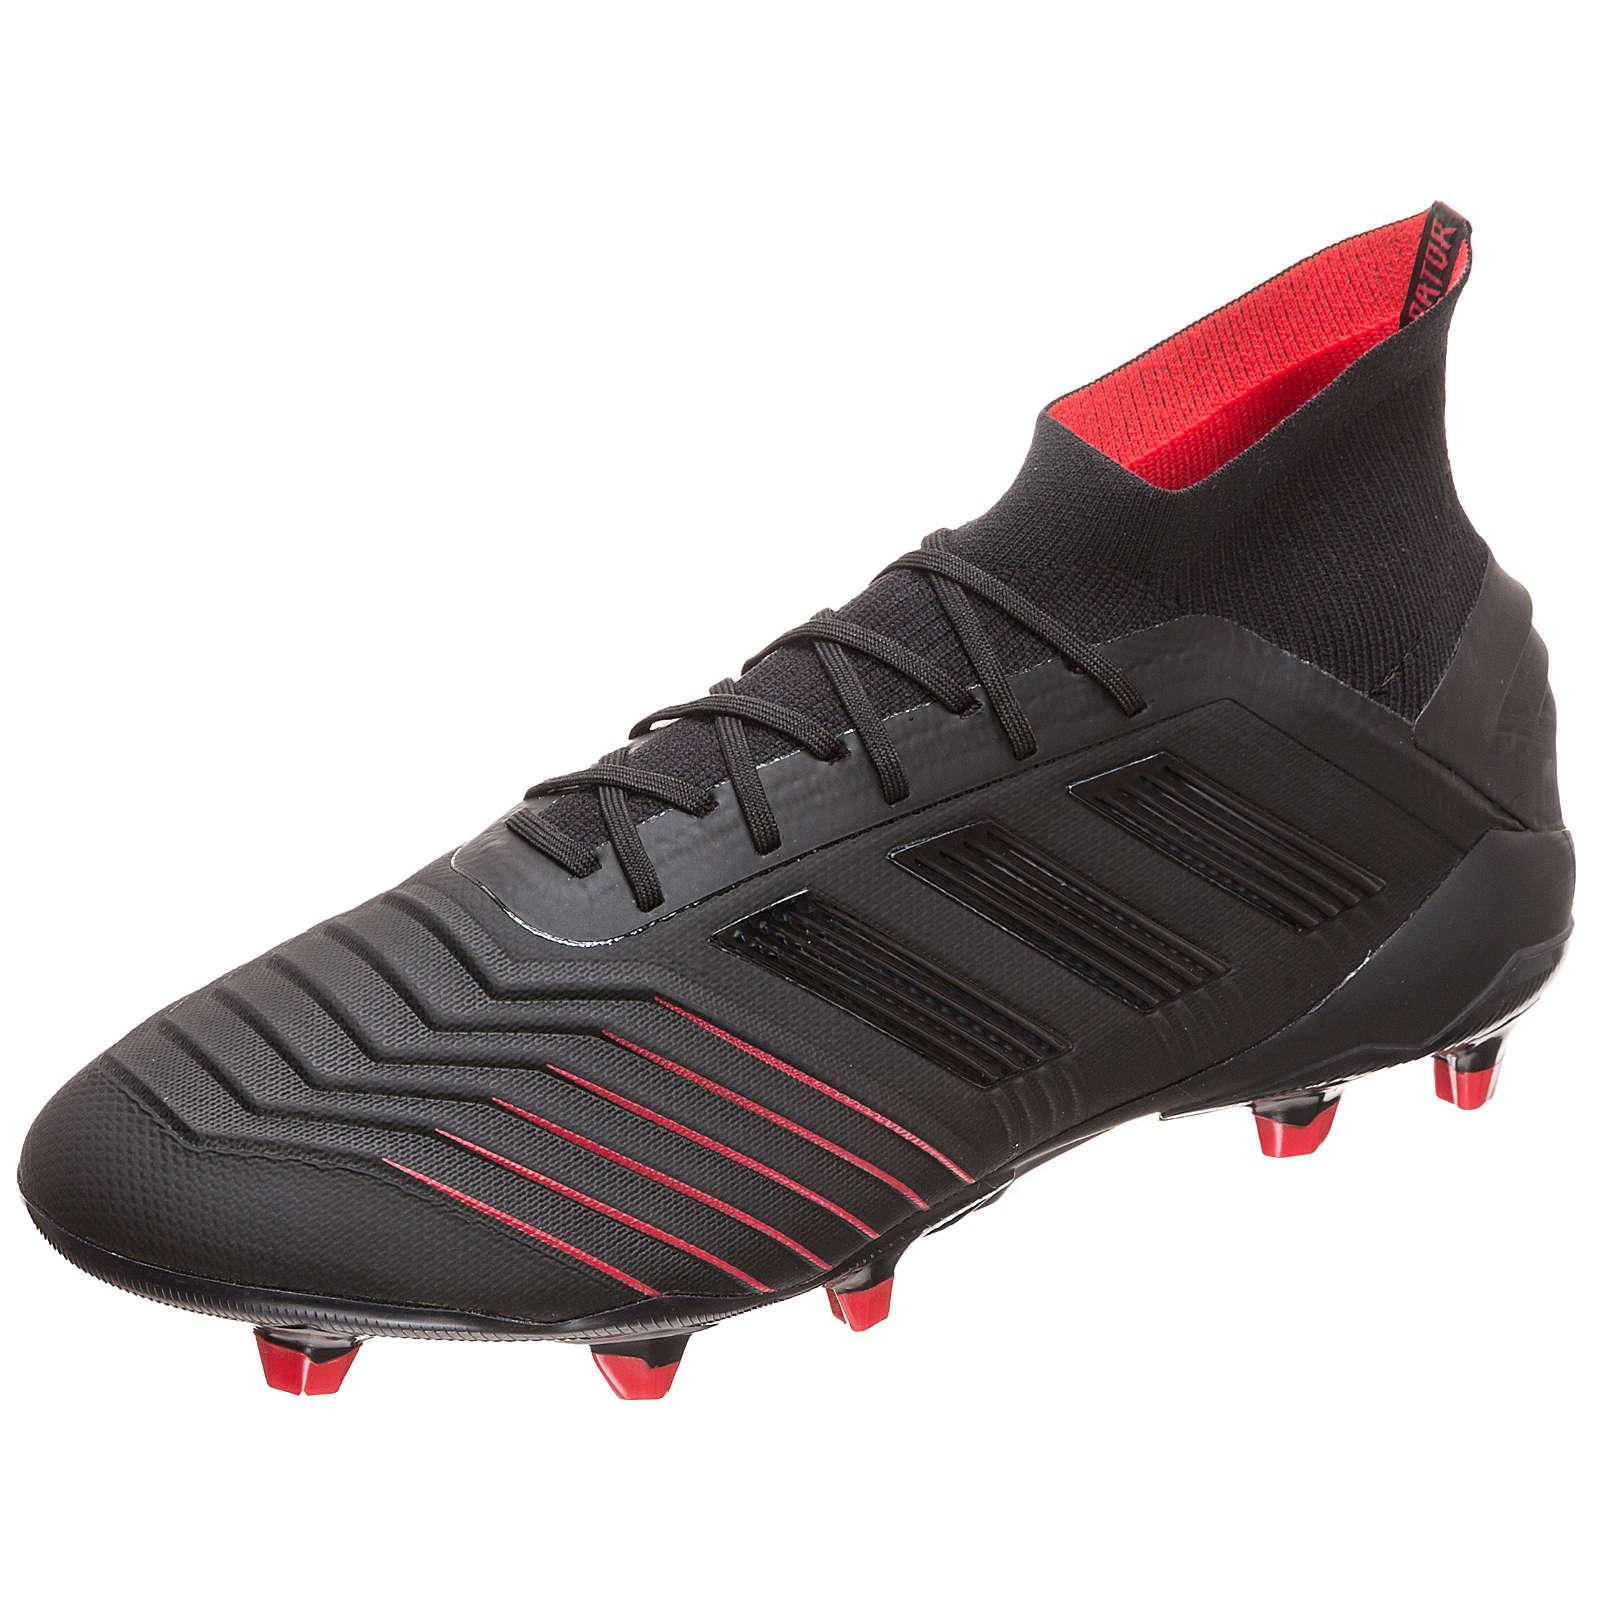 adidas Performance Predator 19.1 FG Fußballschuh Herren schwarz/rot Herren Gr. 41 1/3